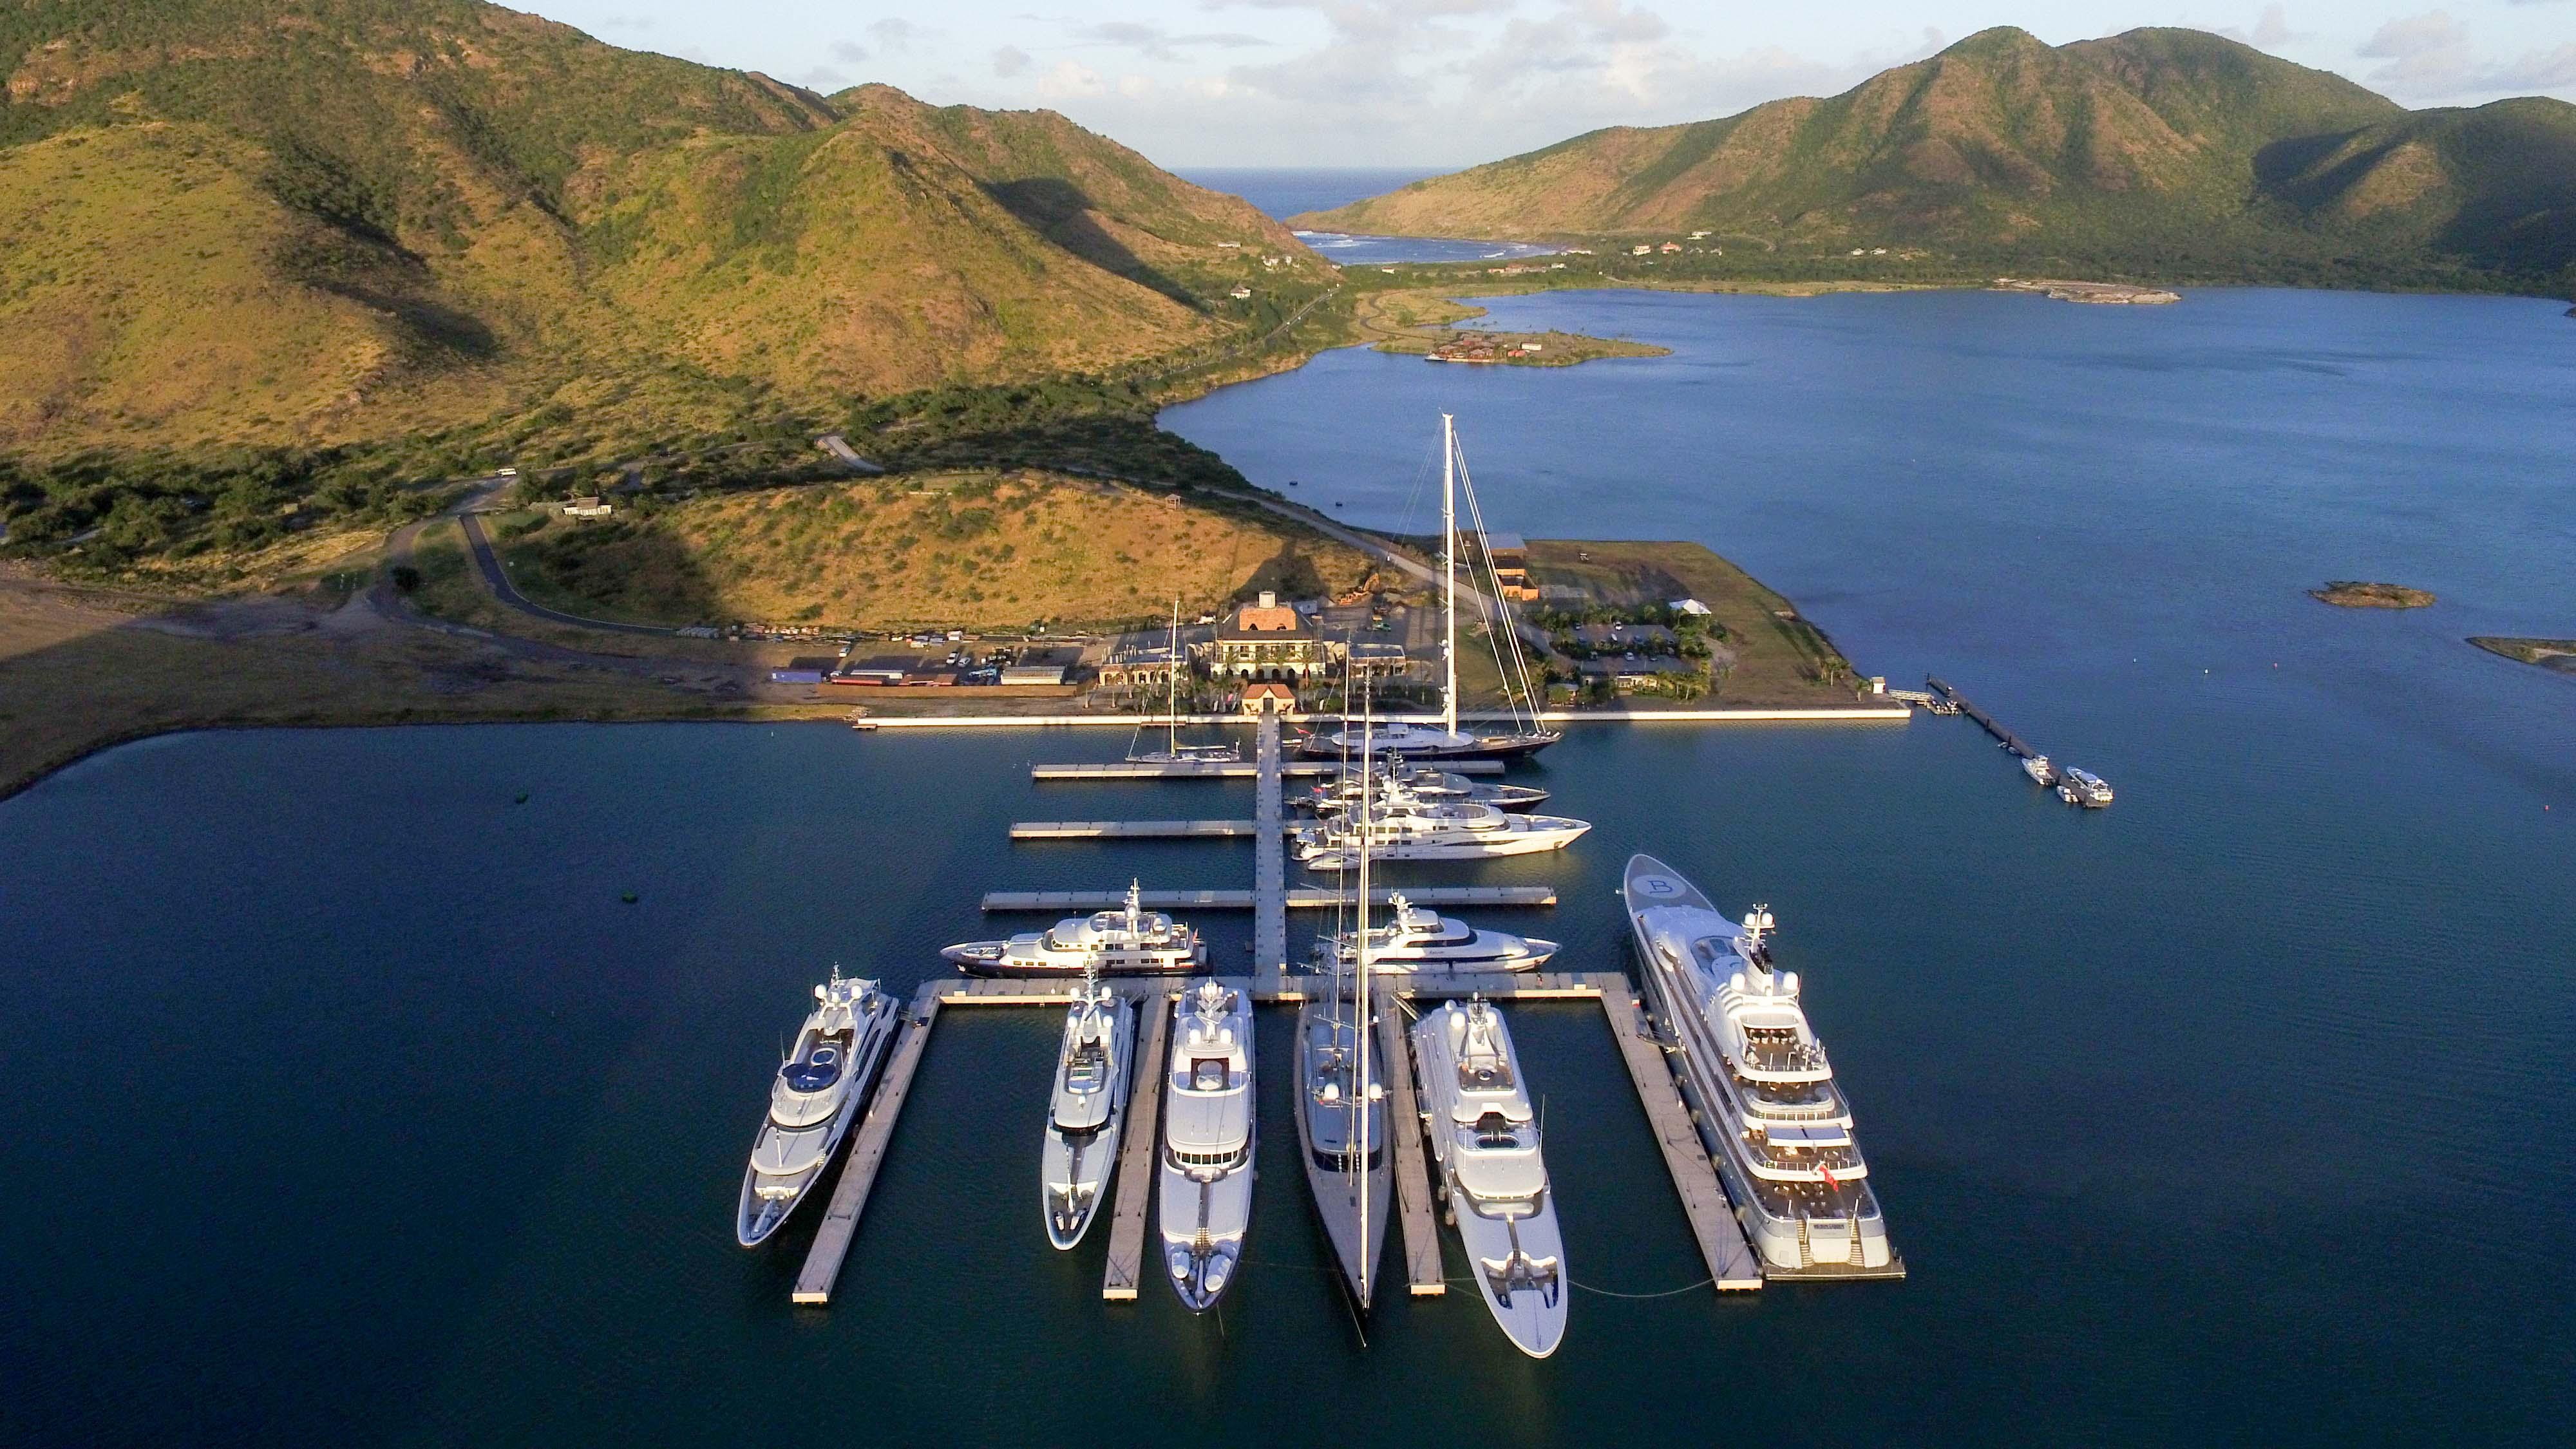 superyacht marina St. Kitts